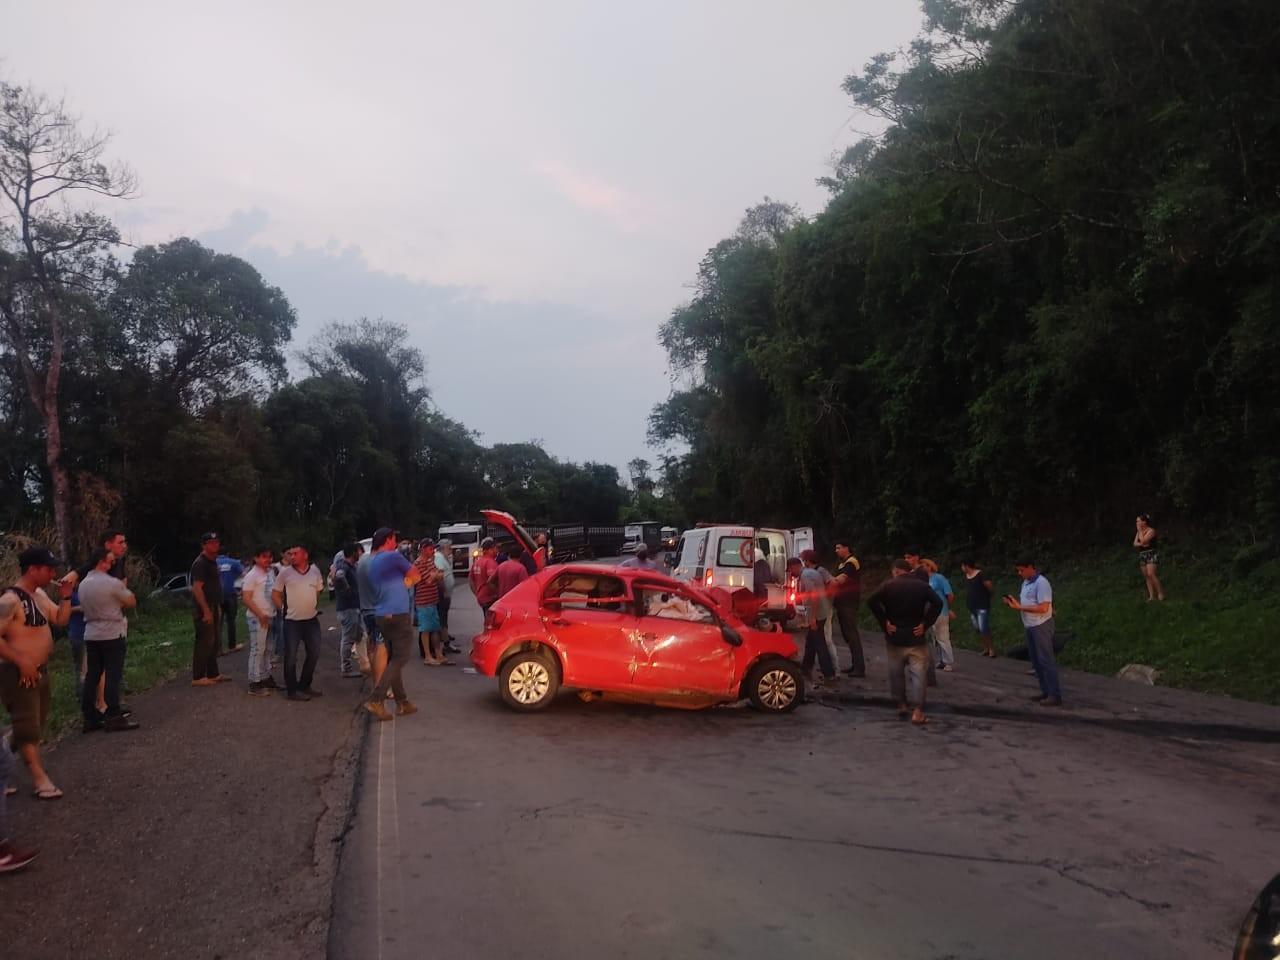 Três pessoas morrem e uma fica ferida em batida entre carro e caminhão, em Nova Tebas